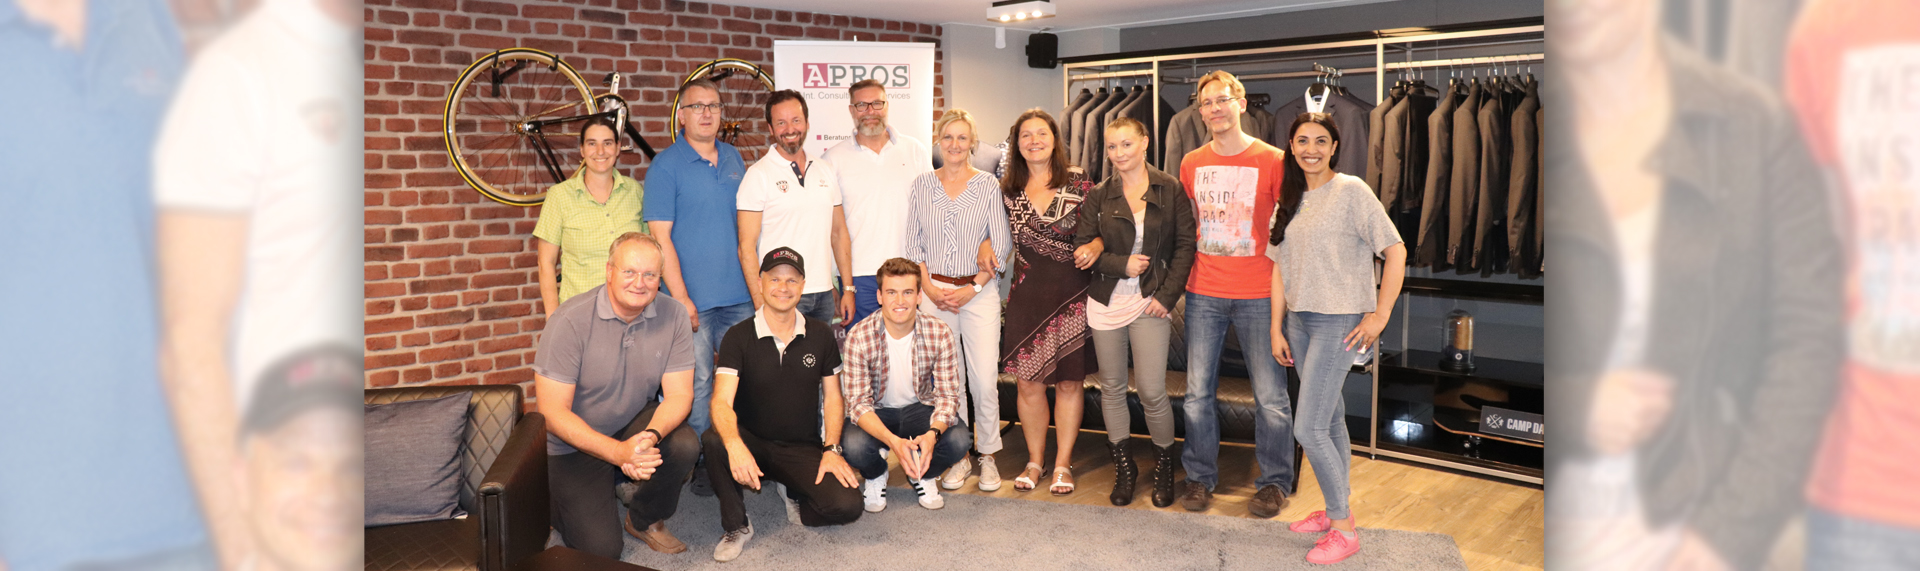 APROS Team